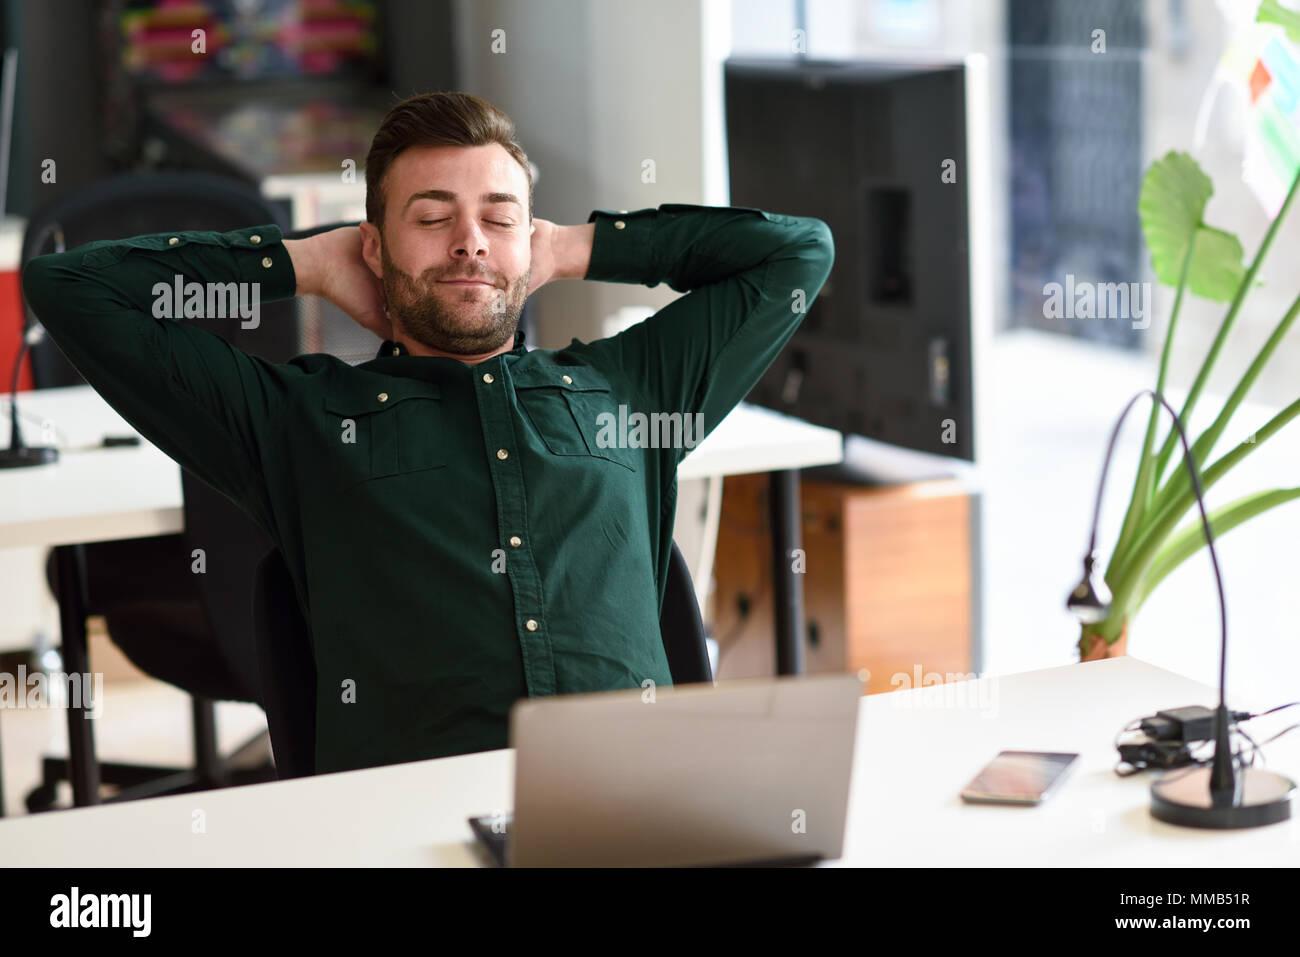 Joven estudiando con equipo portátil en el escritorio en blanco. Chico atractivo con barba vistiendo ropa casual tomando un descanso. Imagen De Stock